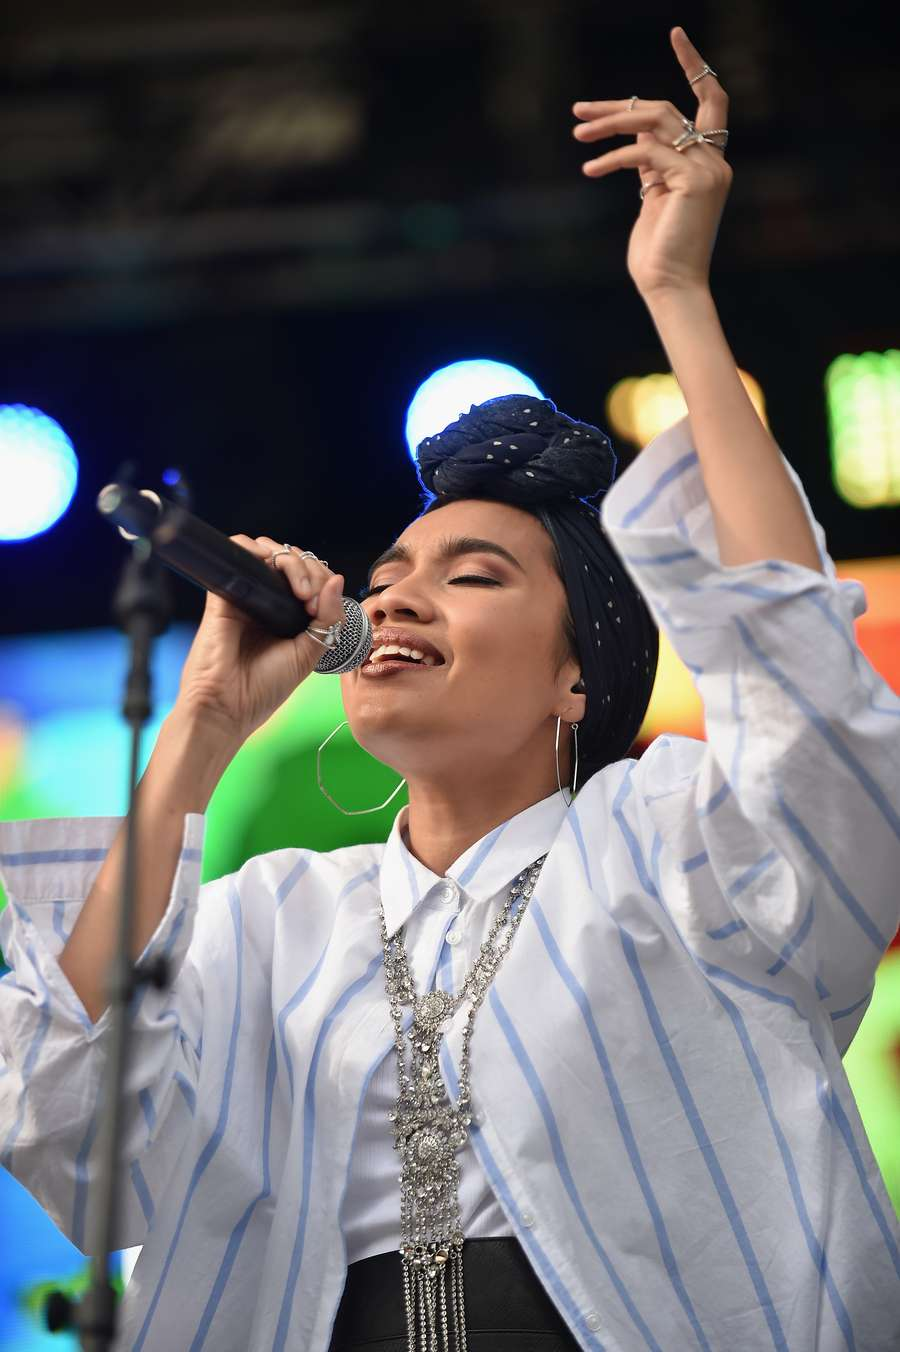 Yuna Zarai, Penyanyi Bertalenta yang Tak Mau Dikenal karena Hijabnya